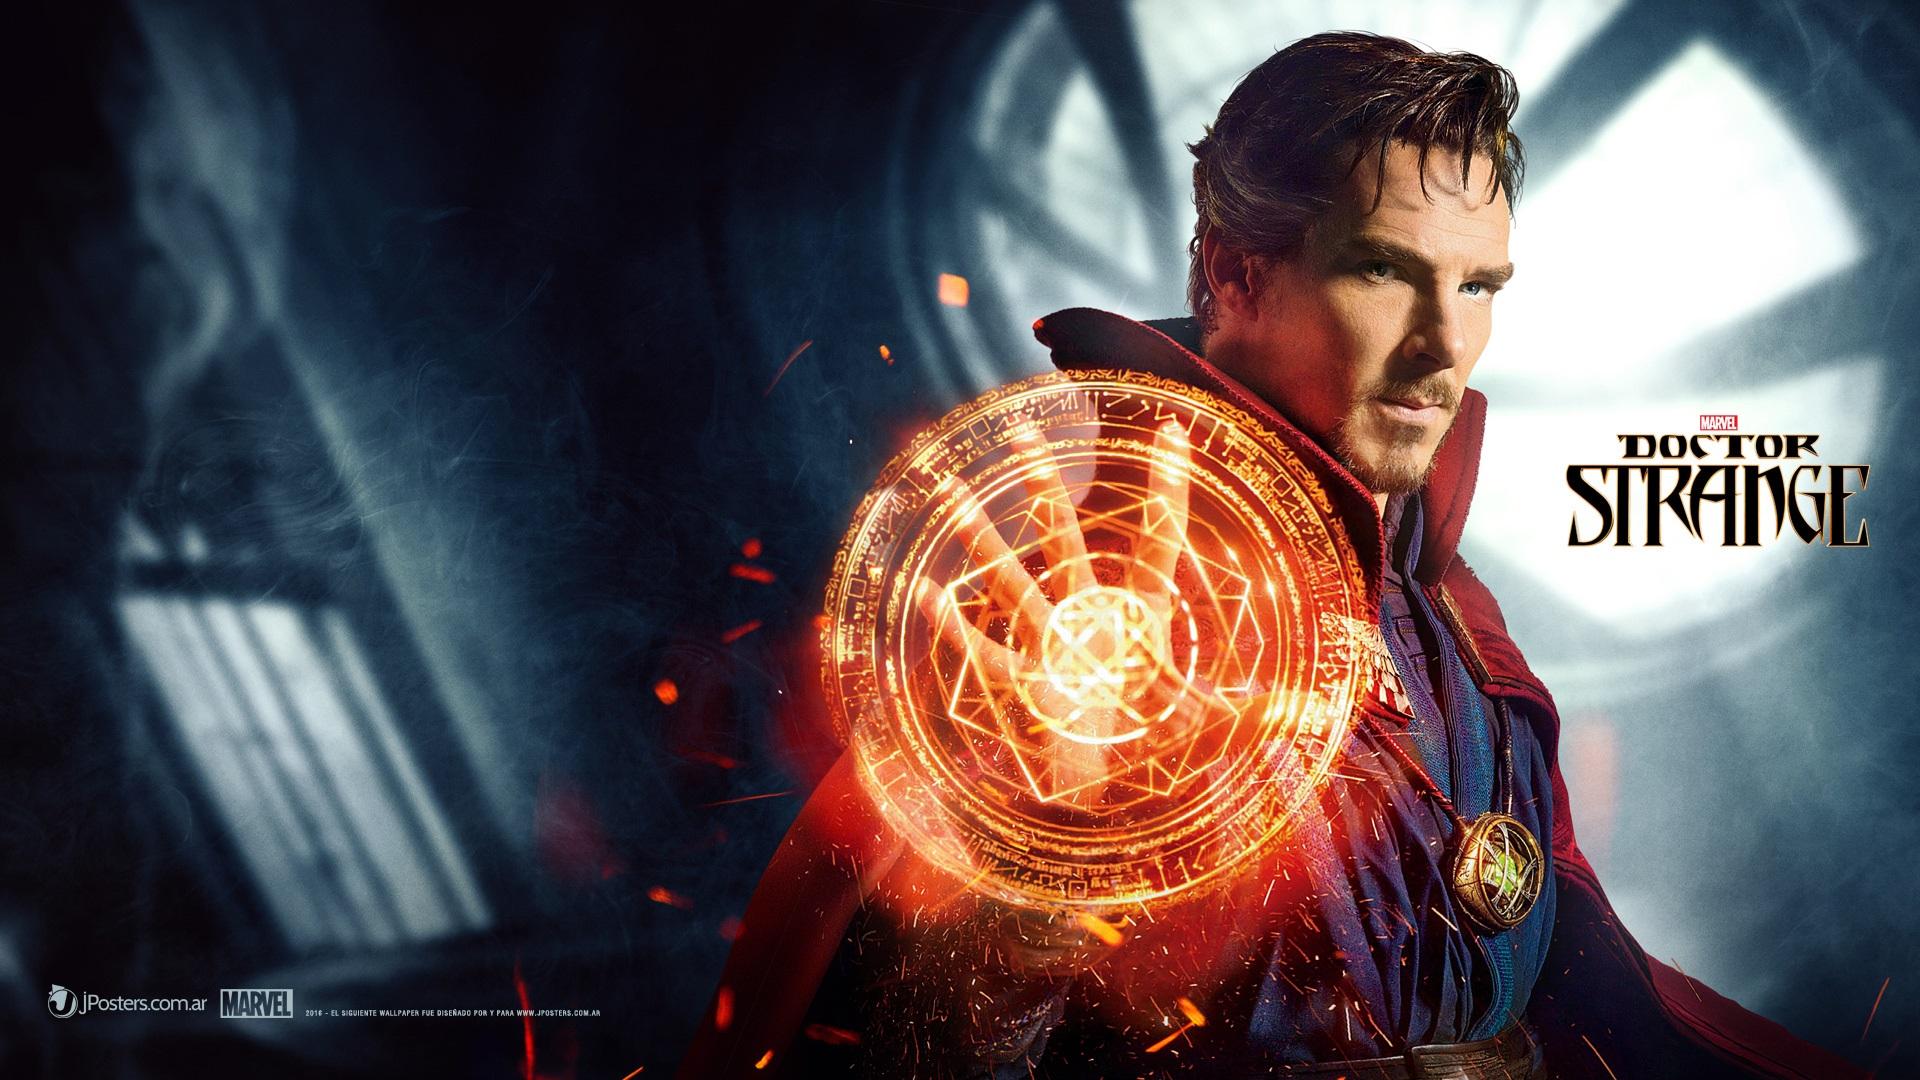 Wallpaper Doctor Strange 2016 1920x1080 Full Hd 2k Picture